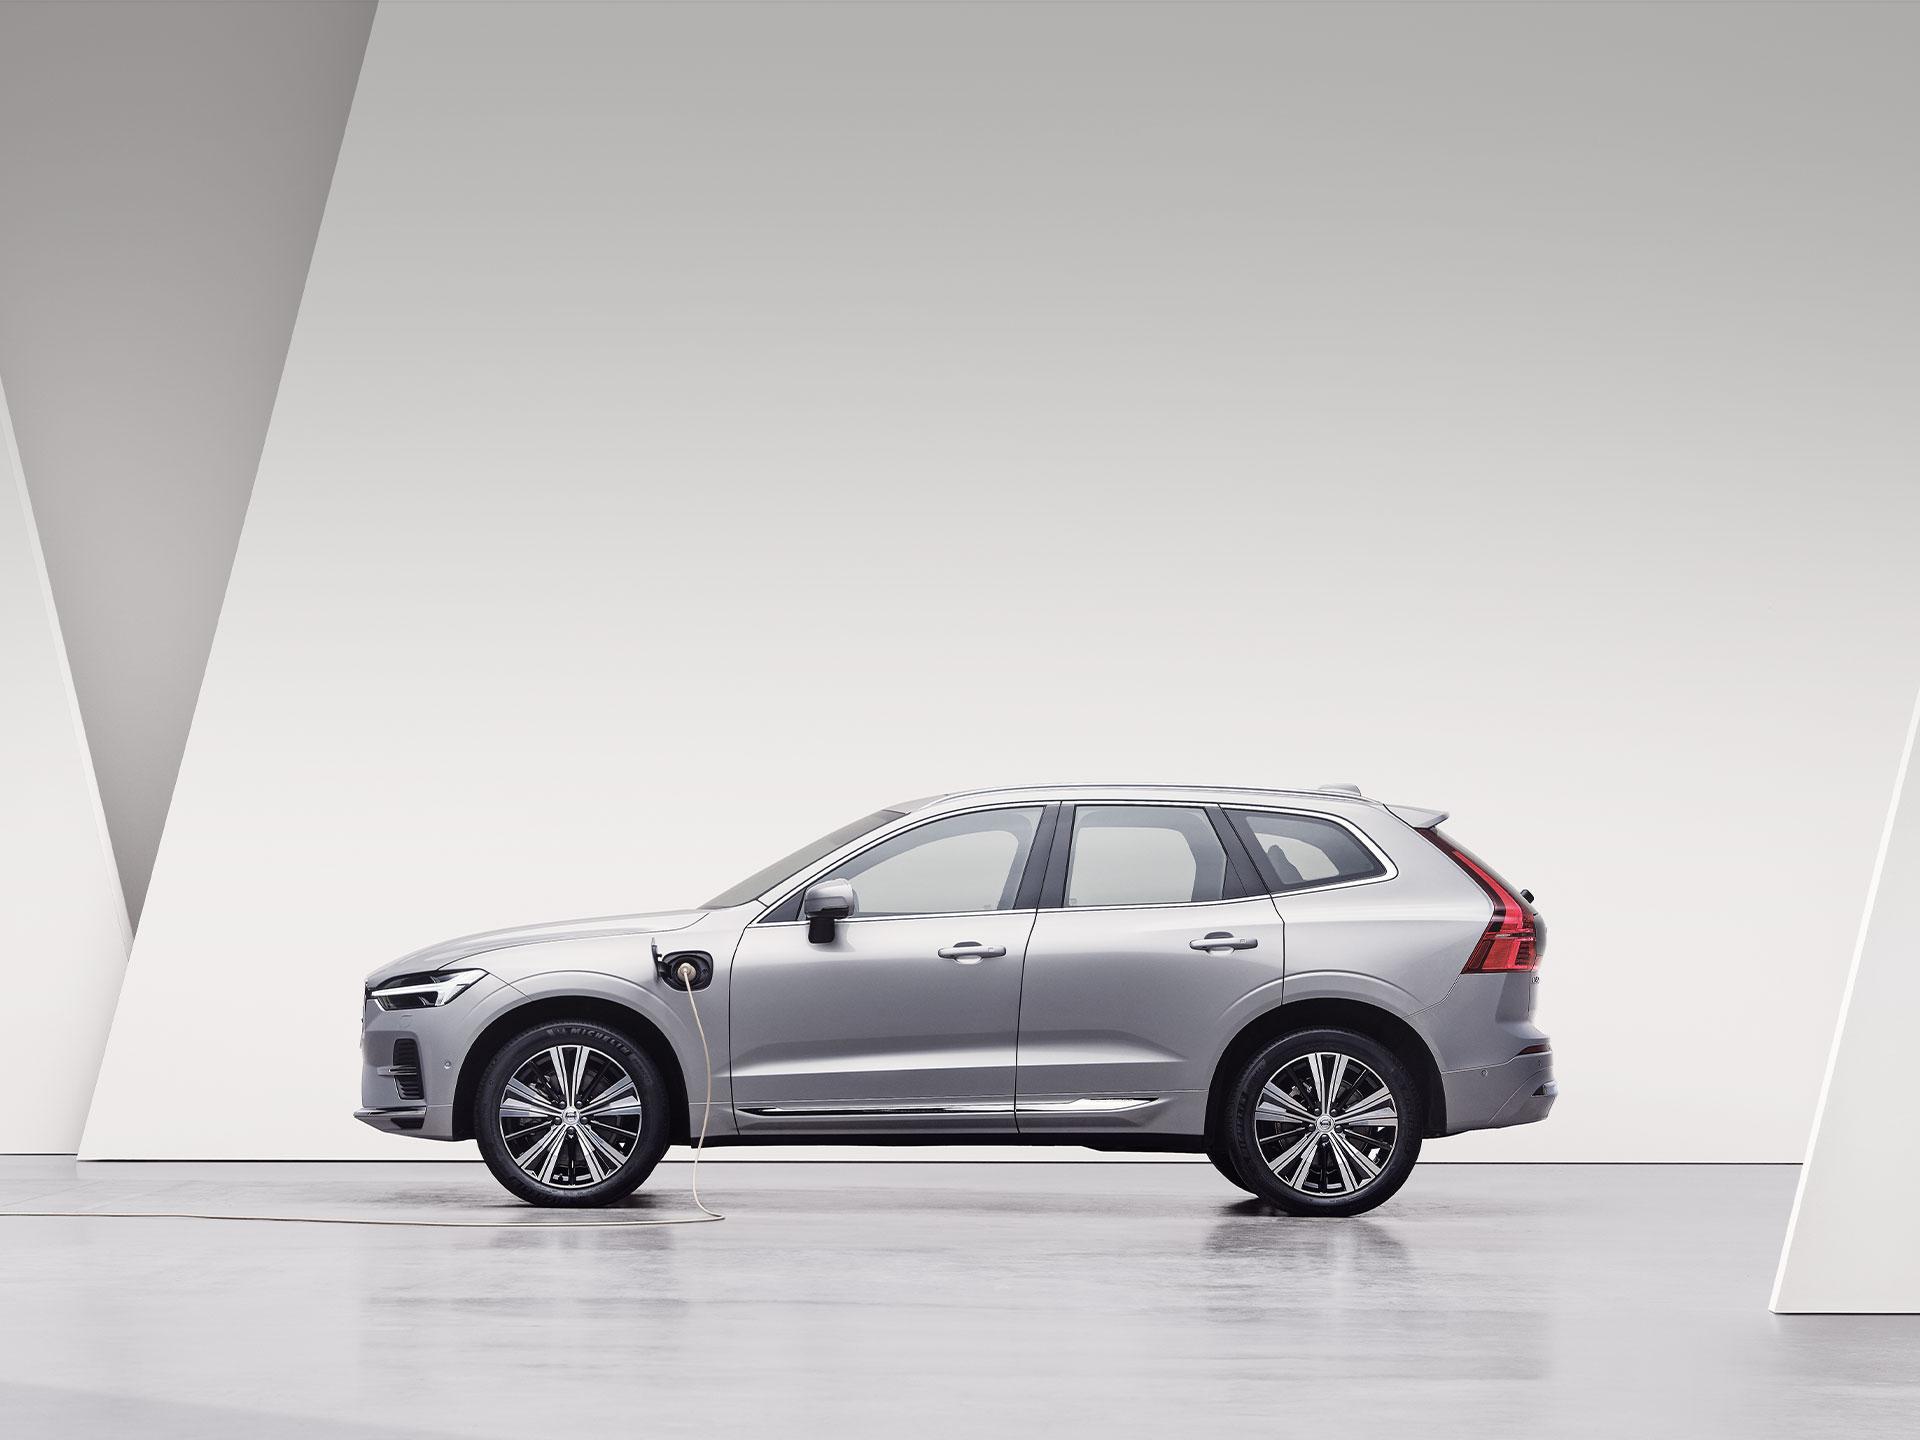 Сиво Volvo XC60 Recharge в бяла обстановка в процес на зареждане.